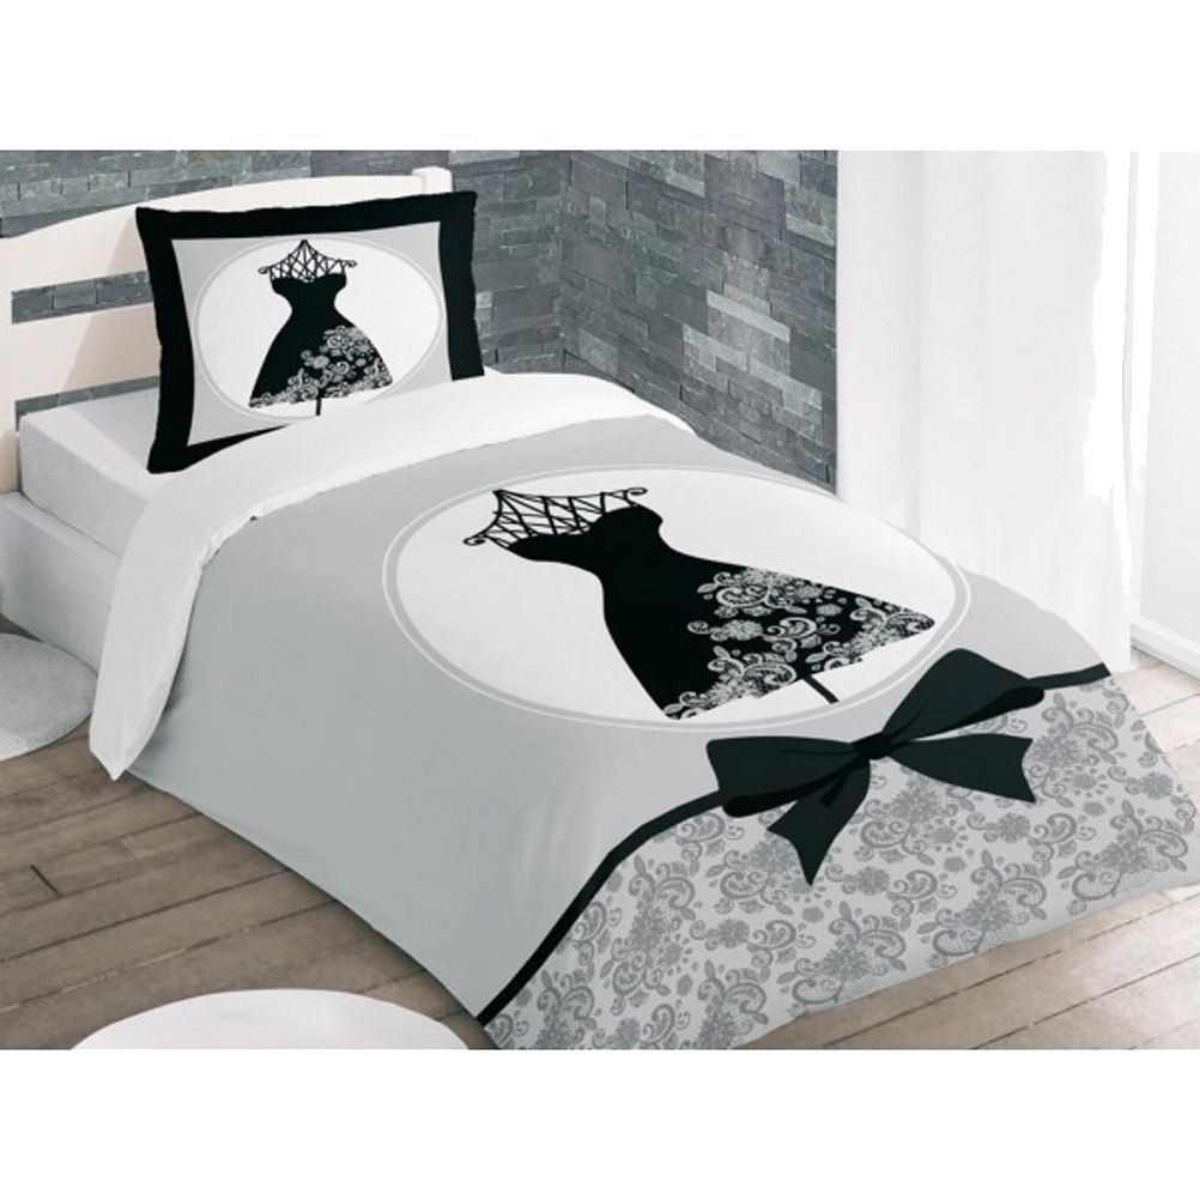 housse de couette parure de lit housse de couette la petite robe noire et 1 taie 140 x 200 cm. Black Bedroom Furniture Sets. Home Design Ideas